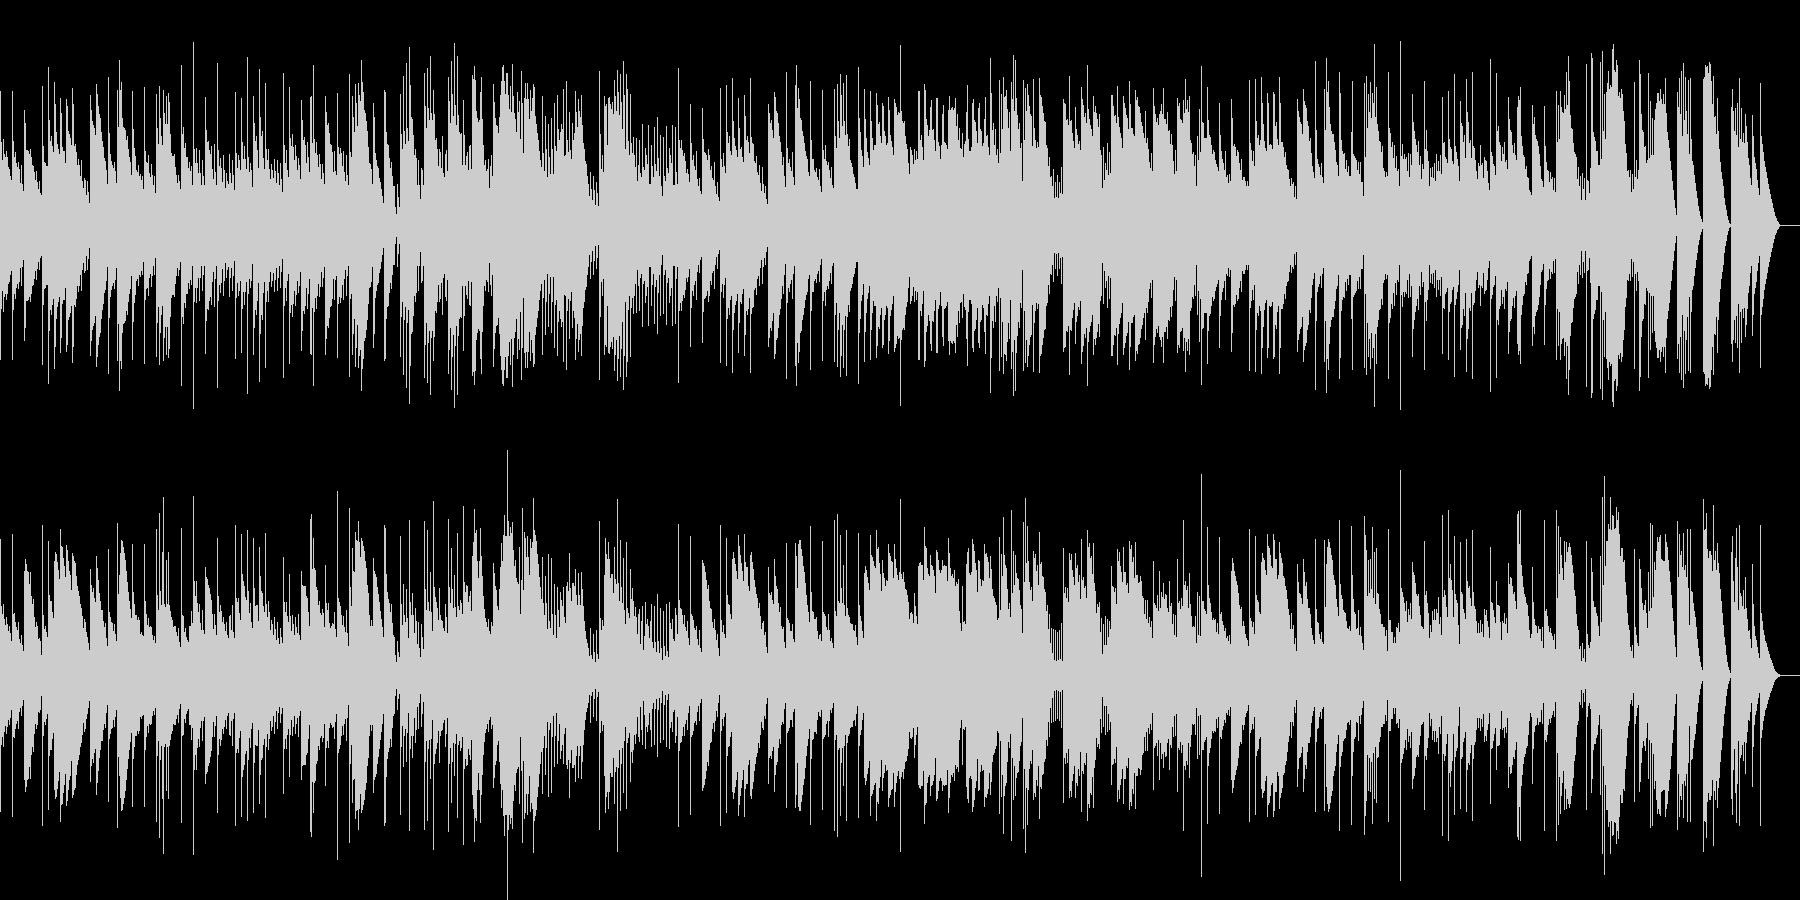 悲愴 第2楽章 フル尺(オルゴール)の未再生の波形